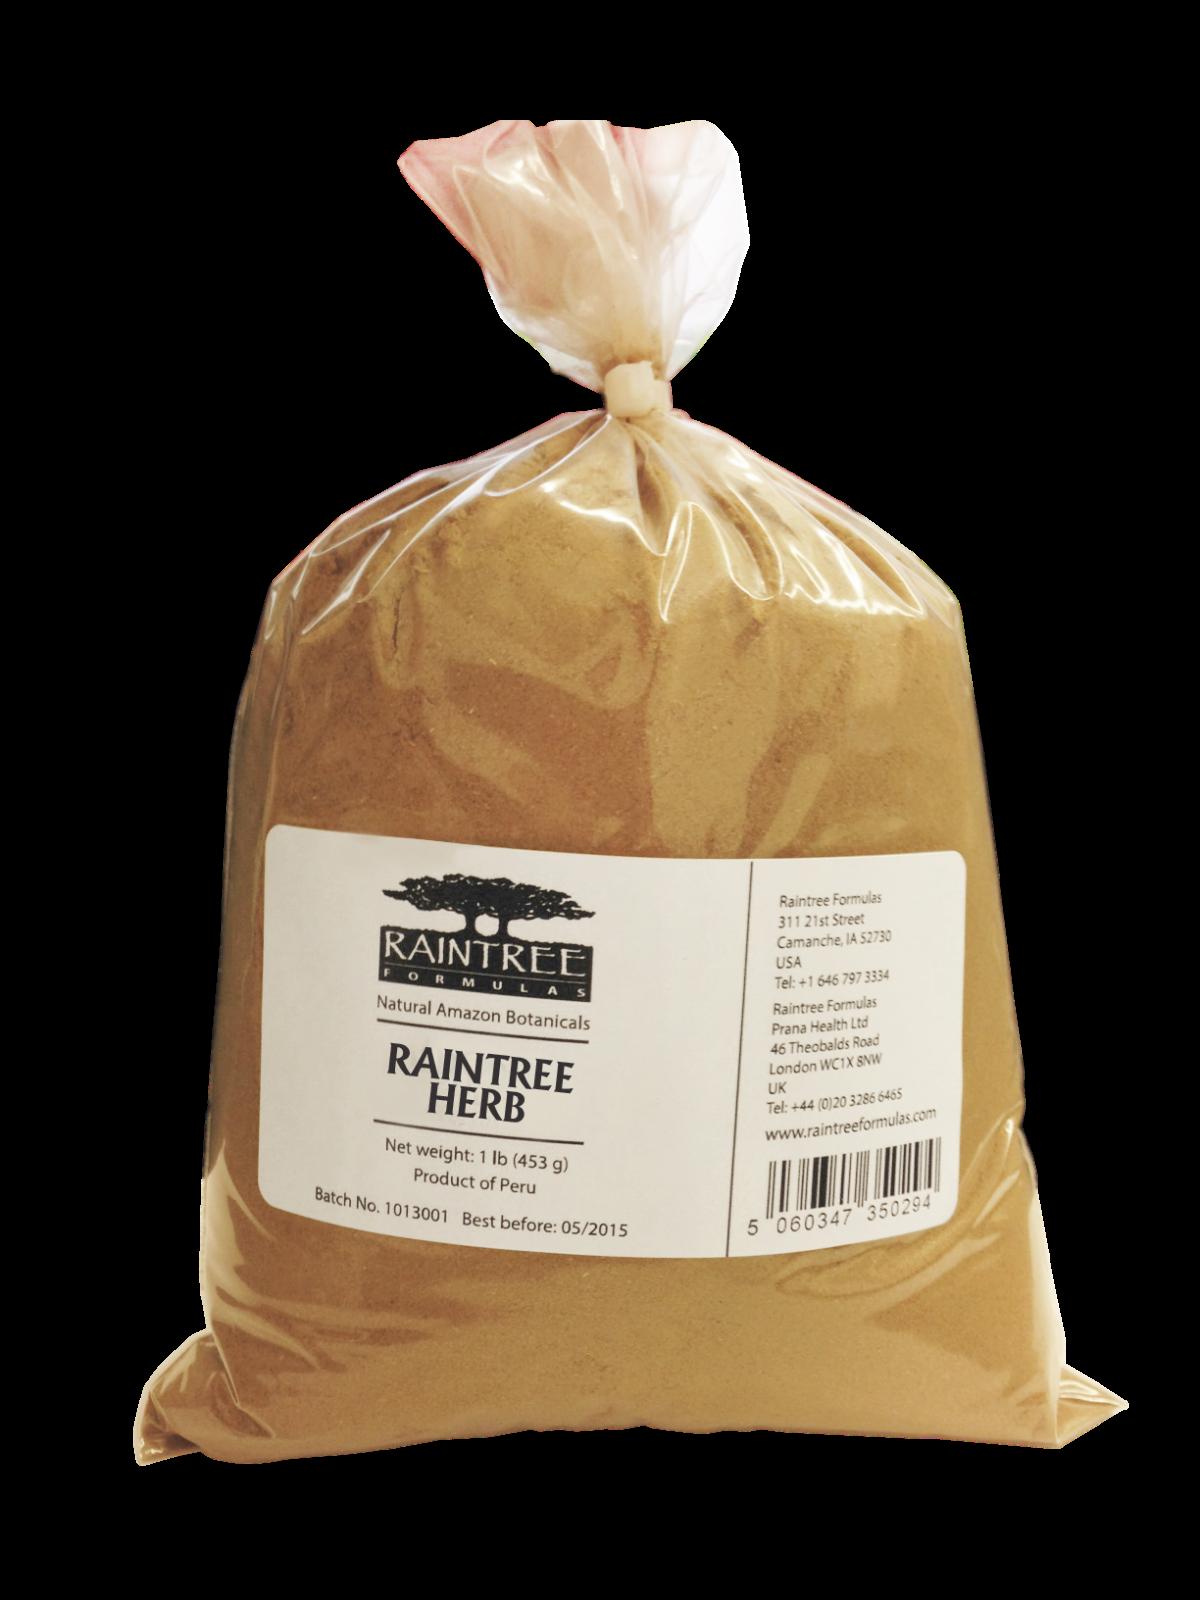 Raintree Cat's Claw Powder 1lb